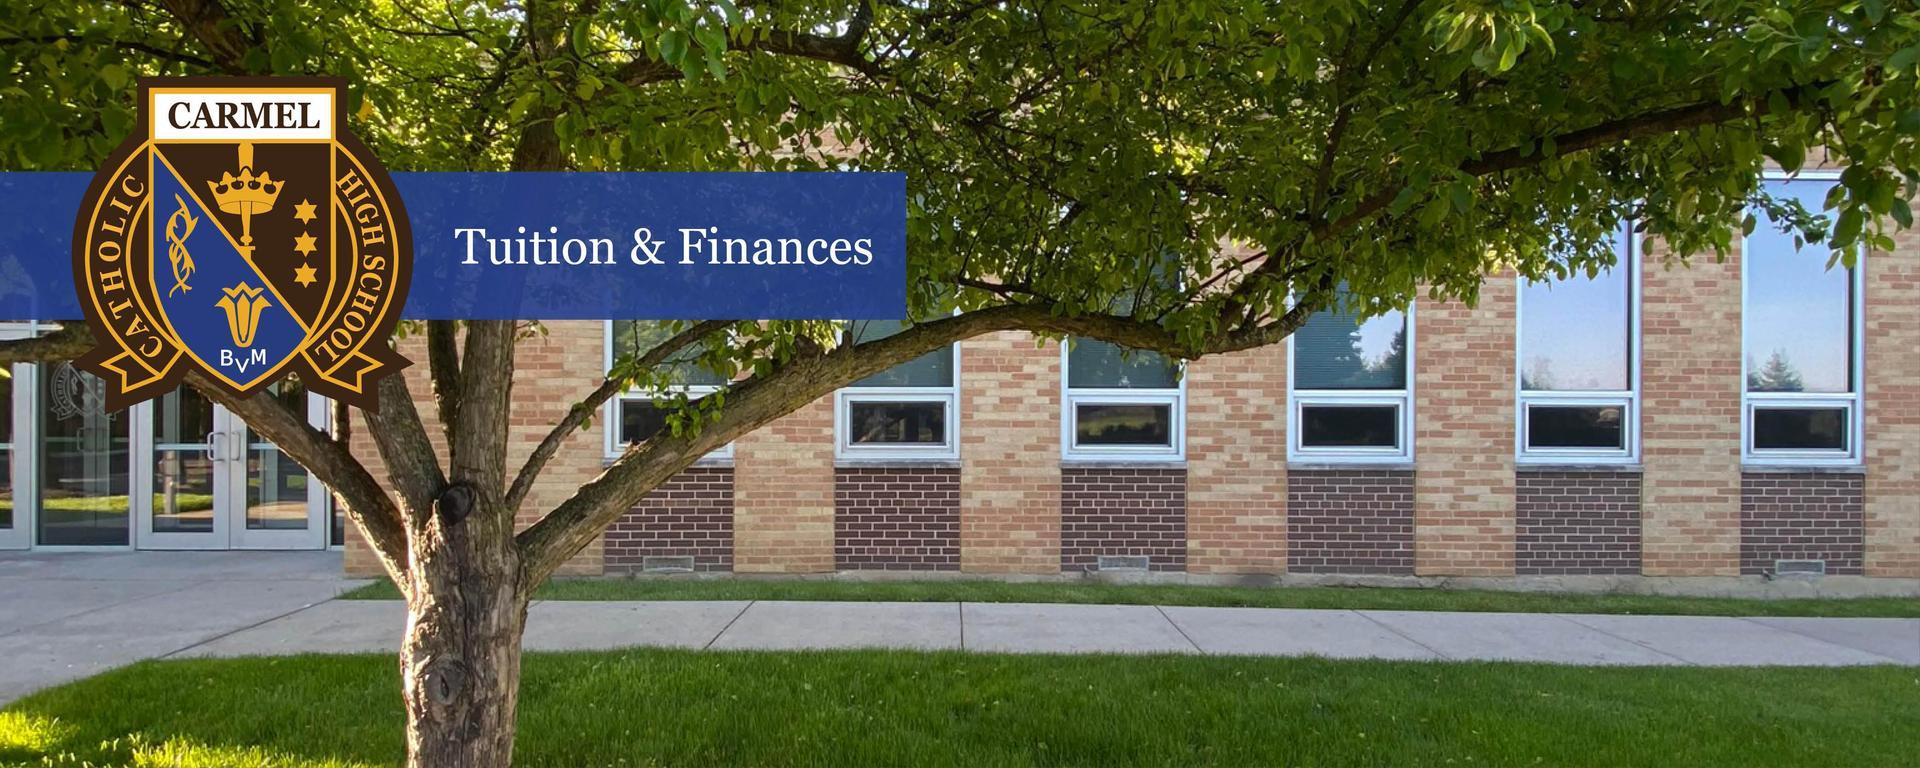 Tuition & Finances